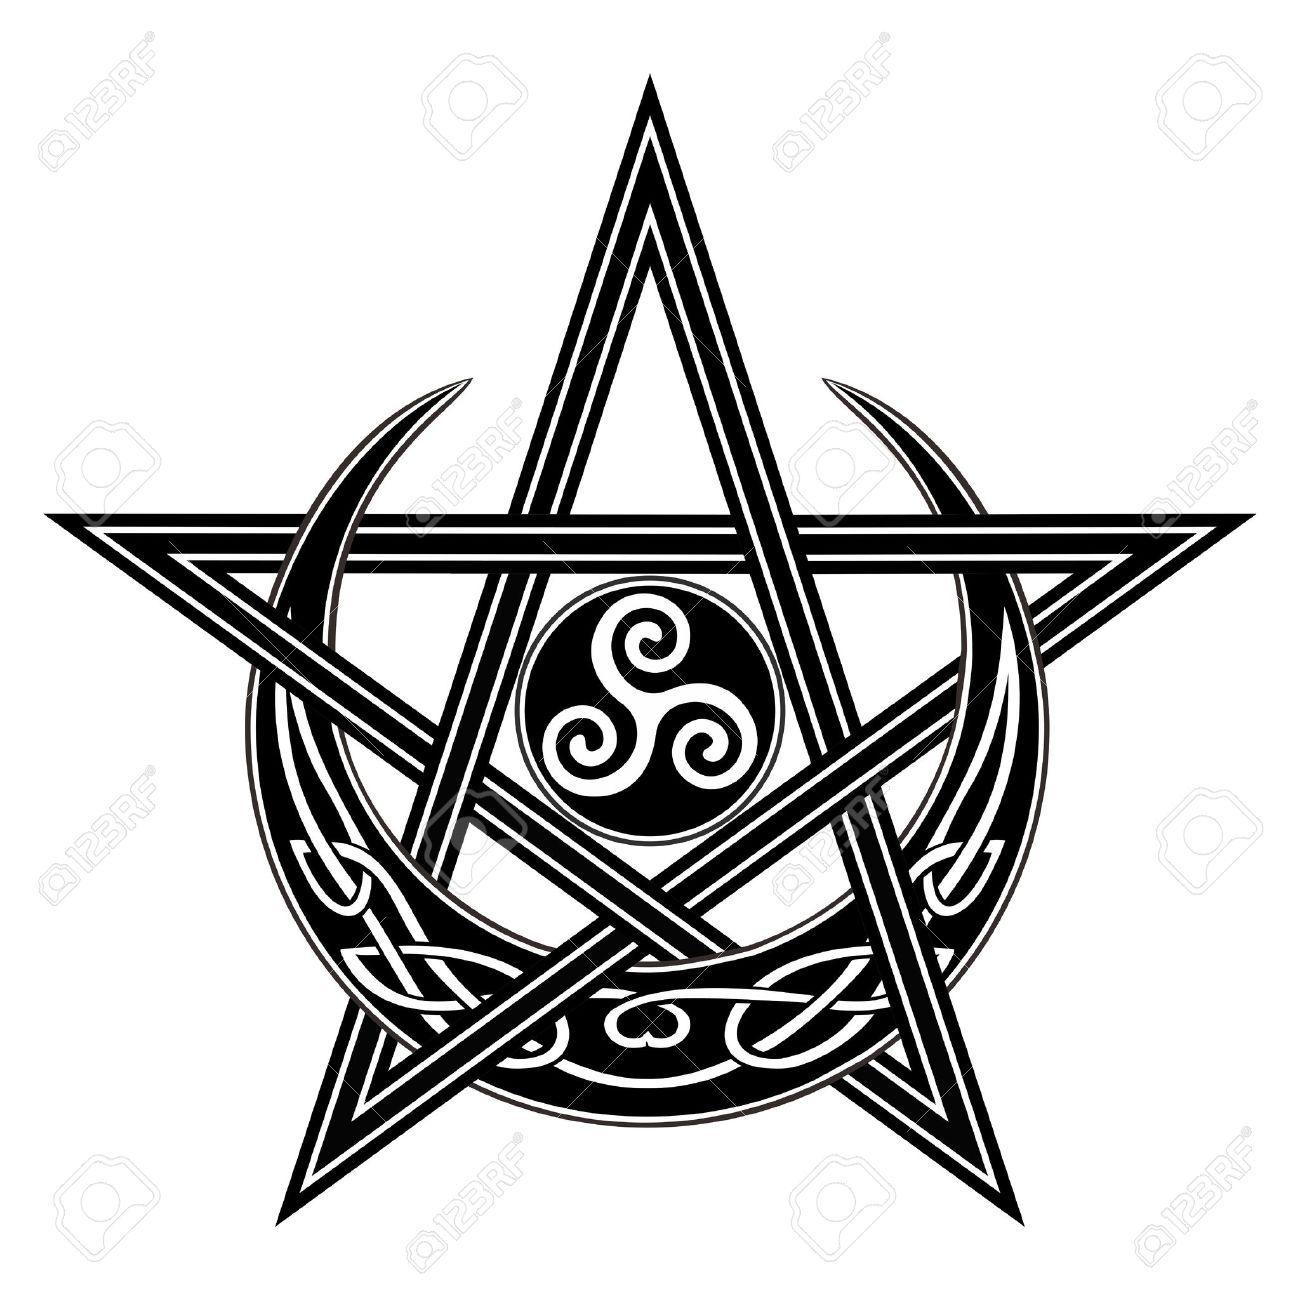 Kptallat a kvetkezre boszorkny szimblumok magic pinterest illustration of vector celtic moon star triple spiral symbol vector art clipart and stock vectors biocorpaavc Gallery